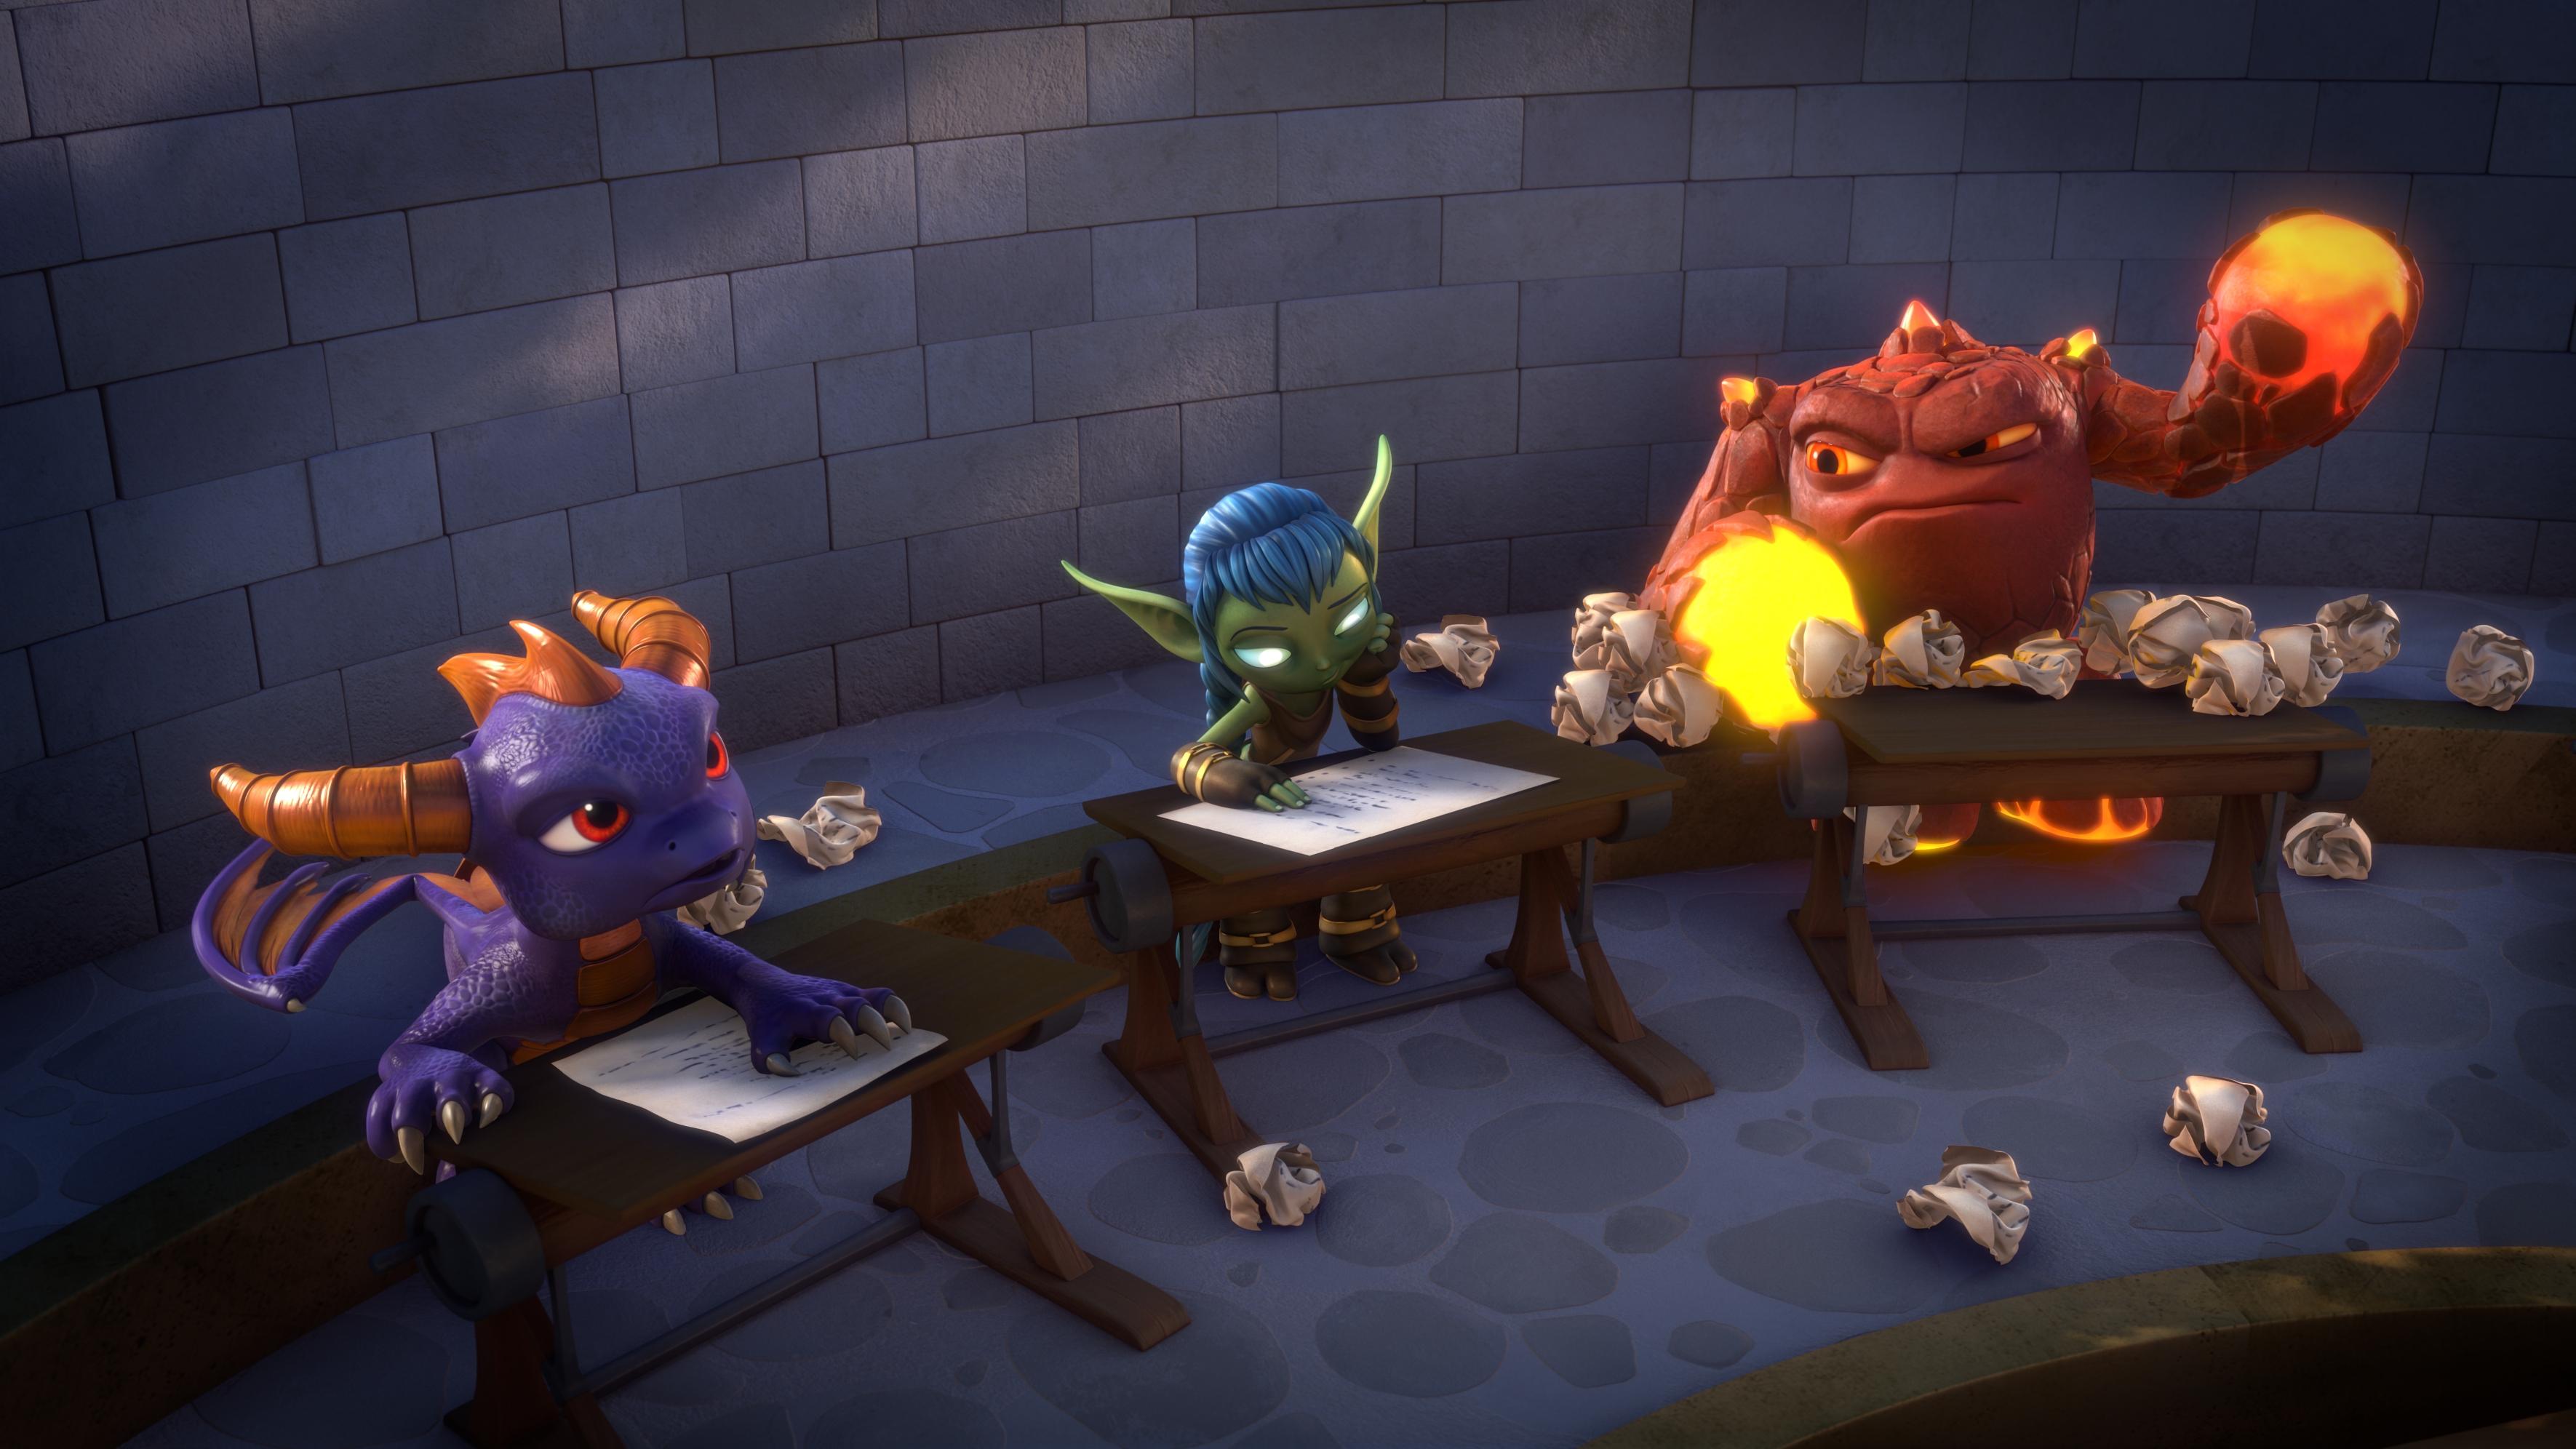 Skylanders Academy – Von Activision Blizzard Studios wird jetzt auf Netflix gestreamt